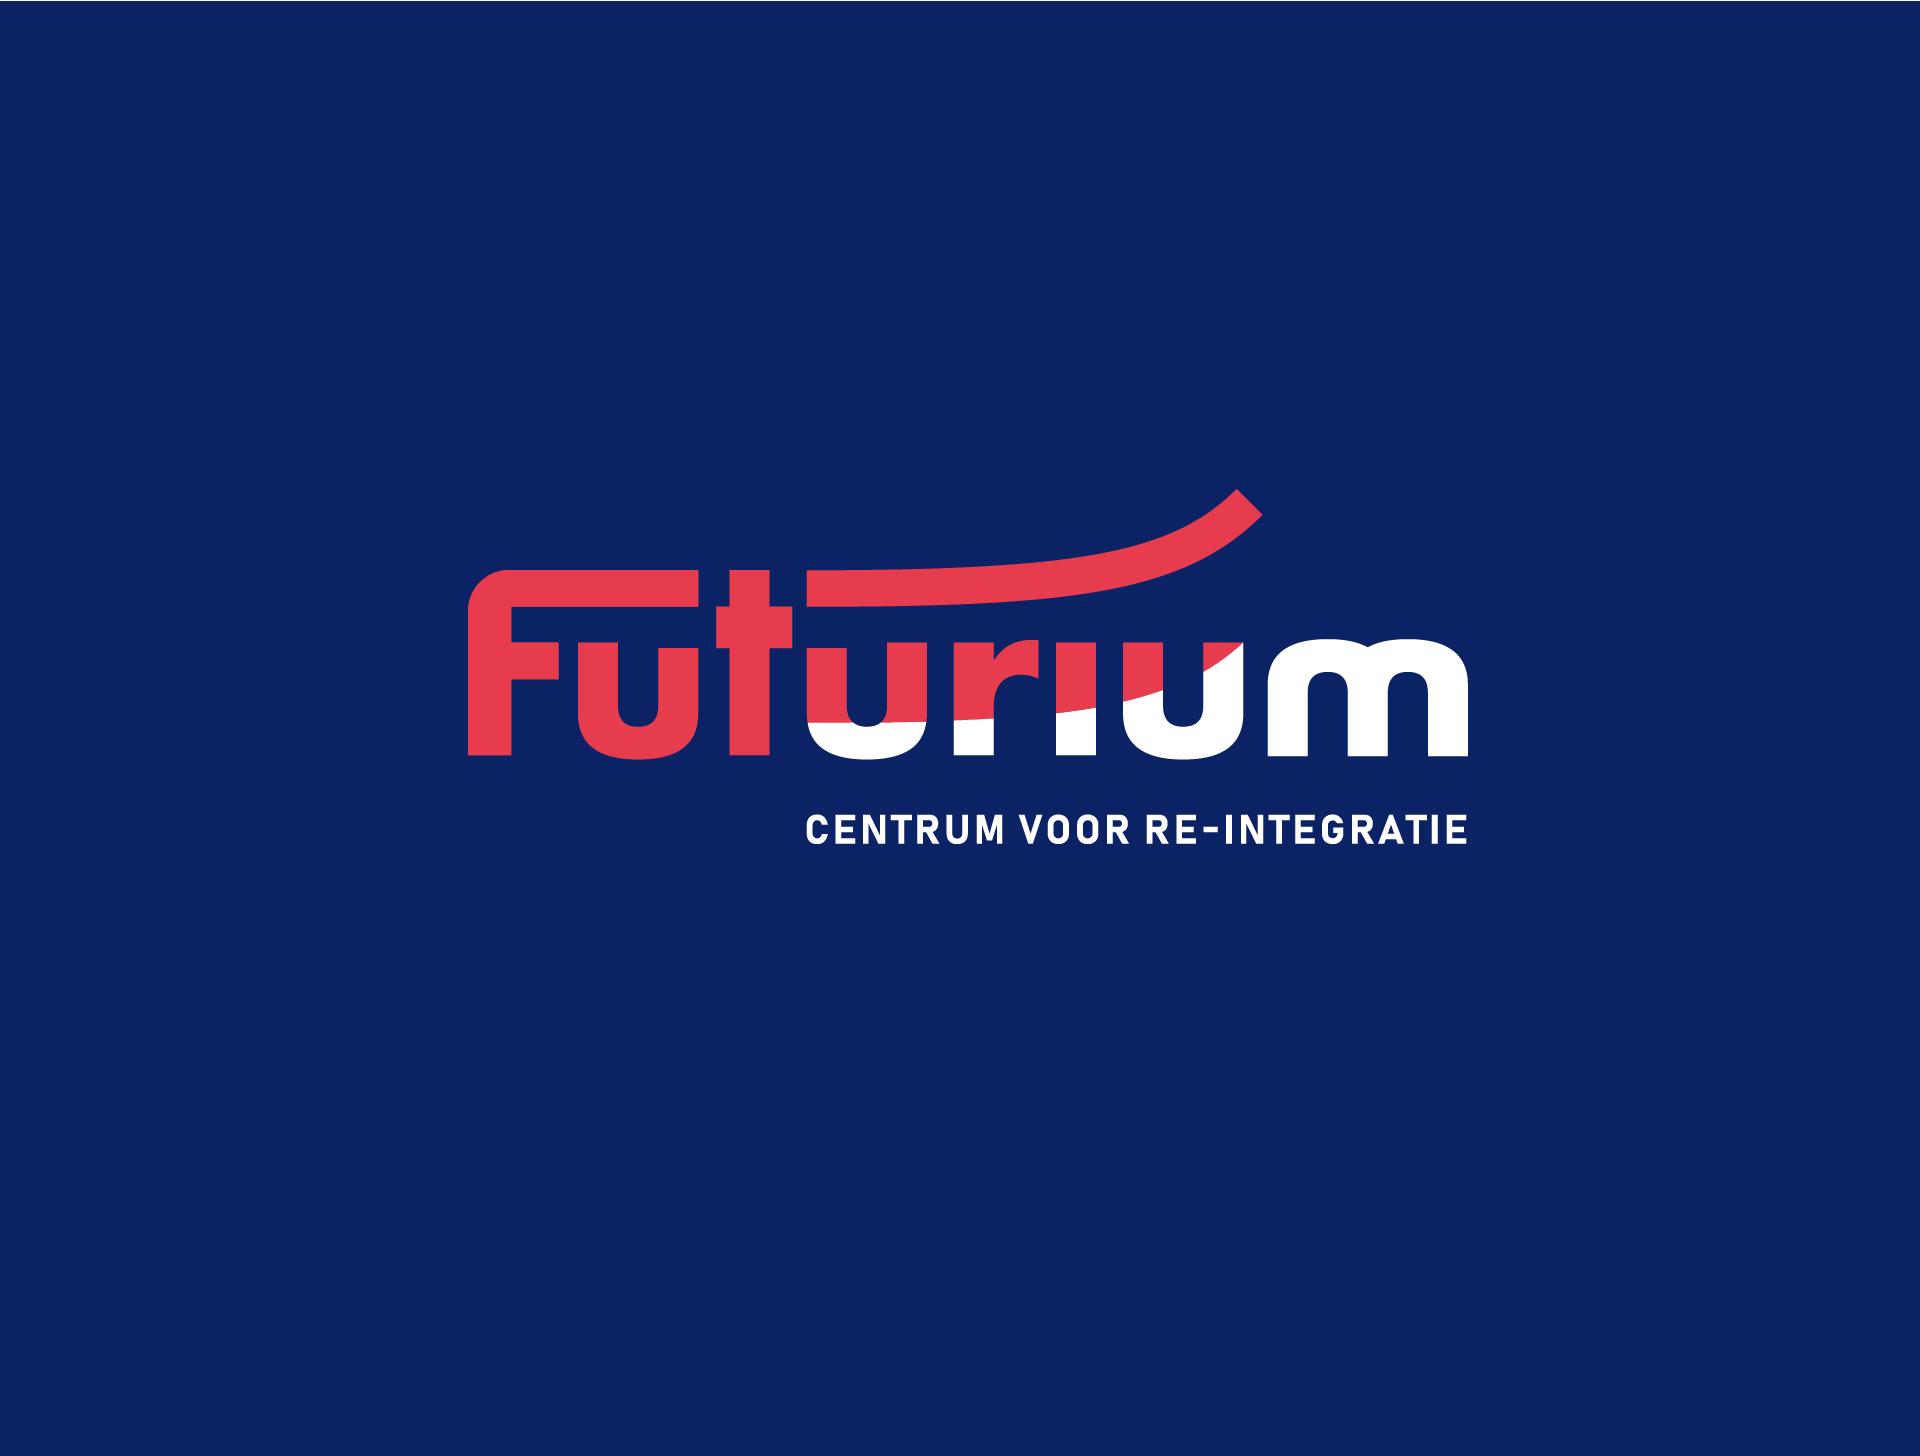 Futurium - logo en huisstijl designer